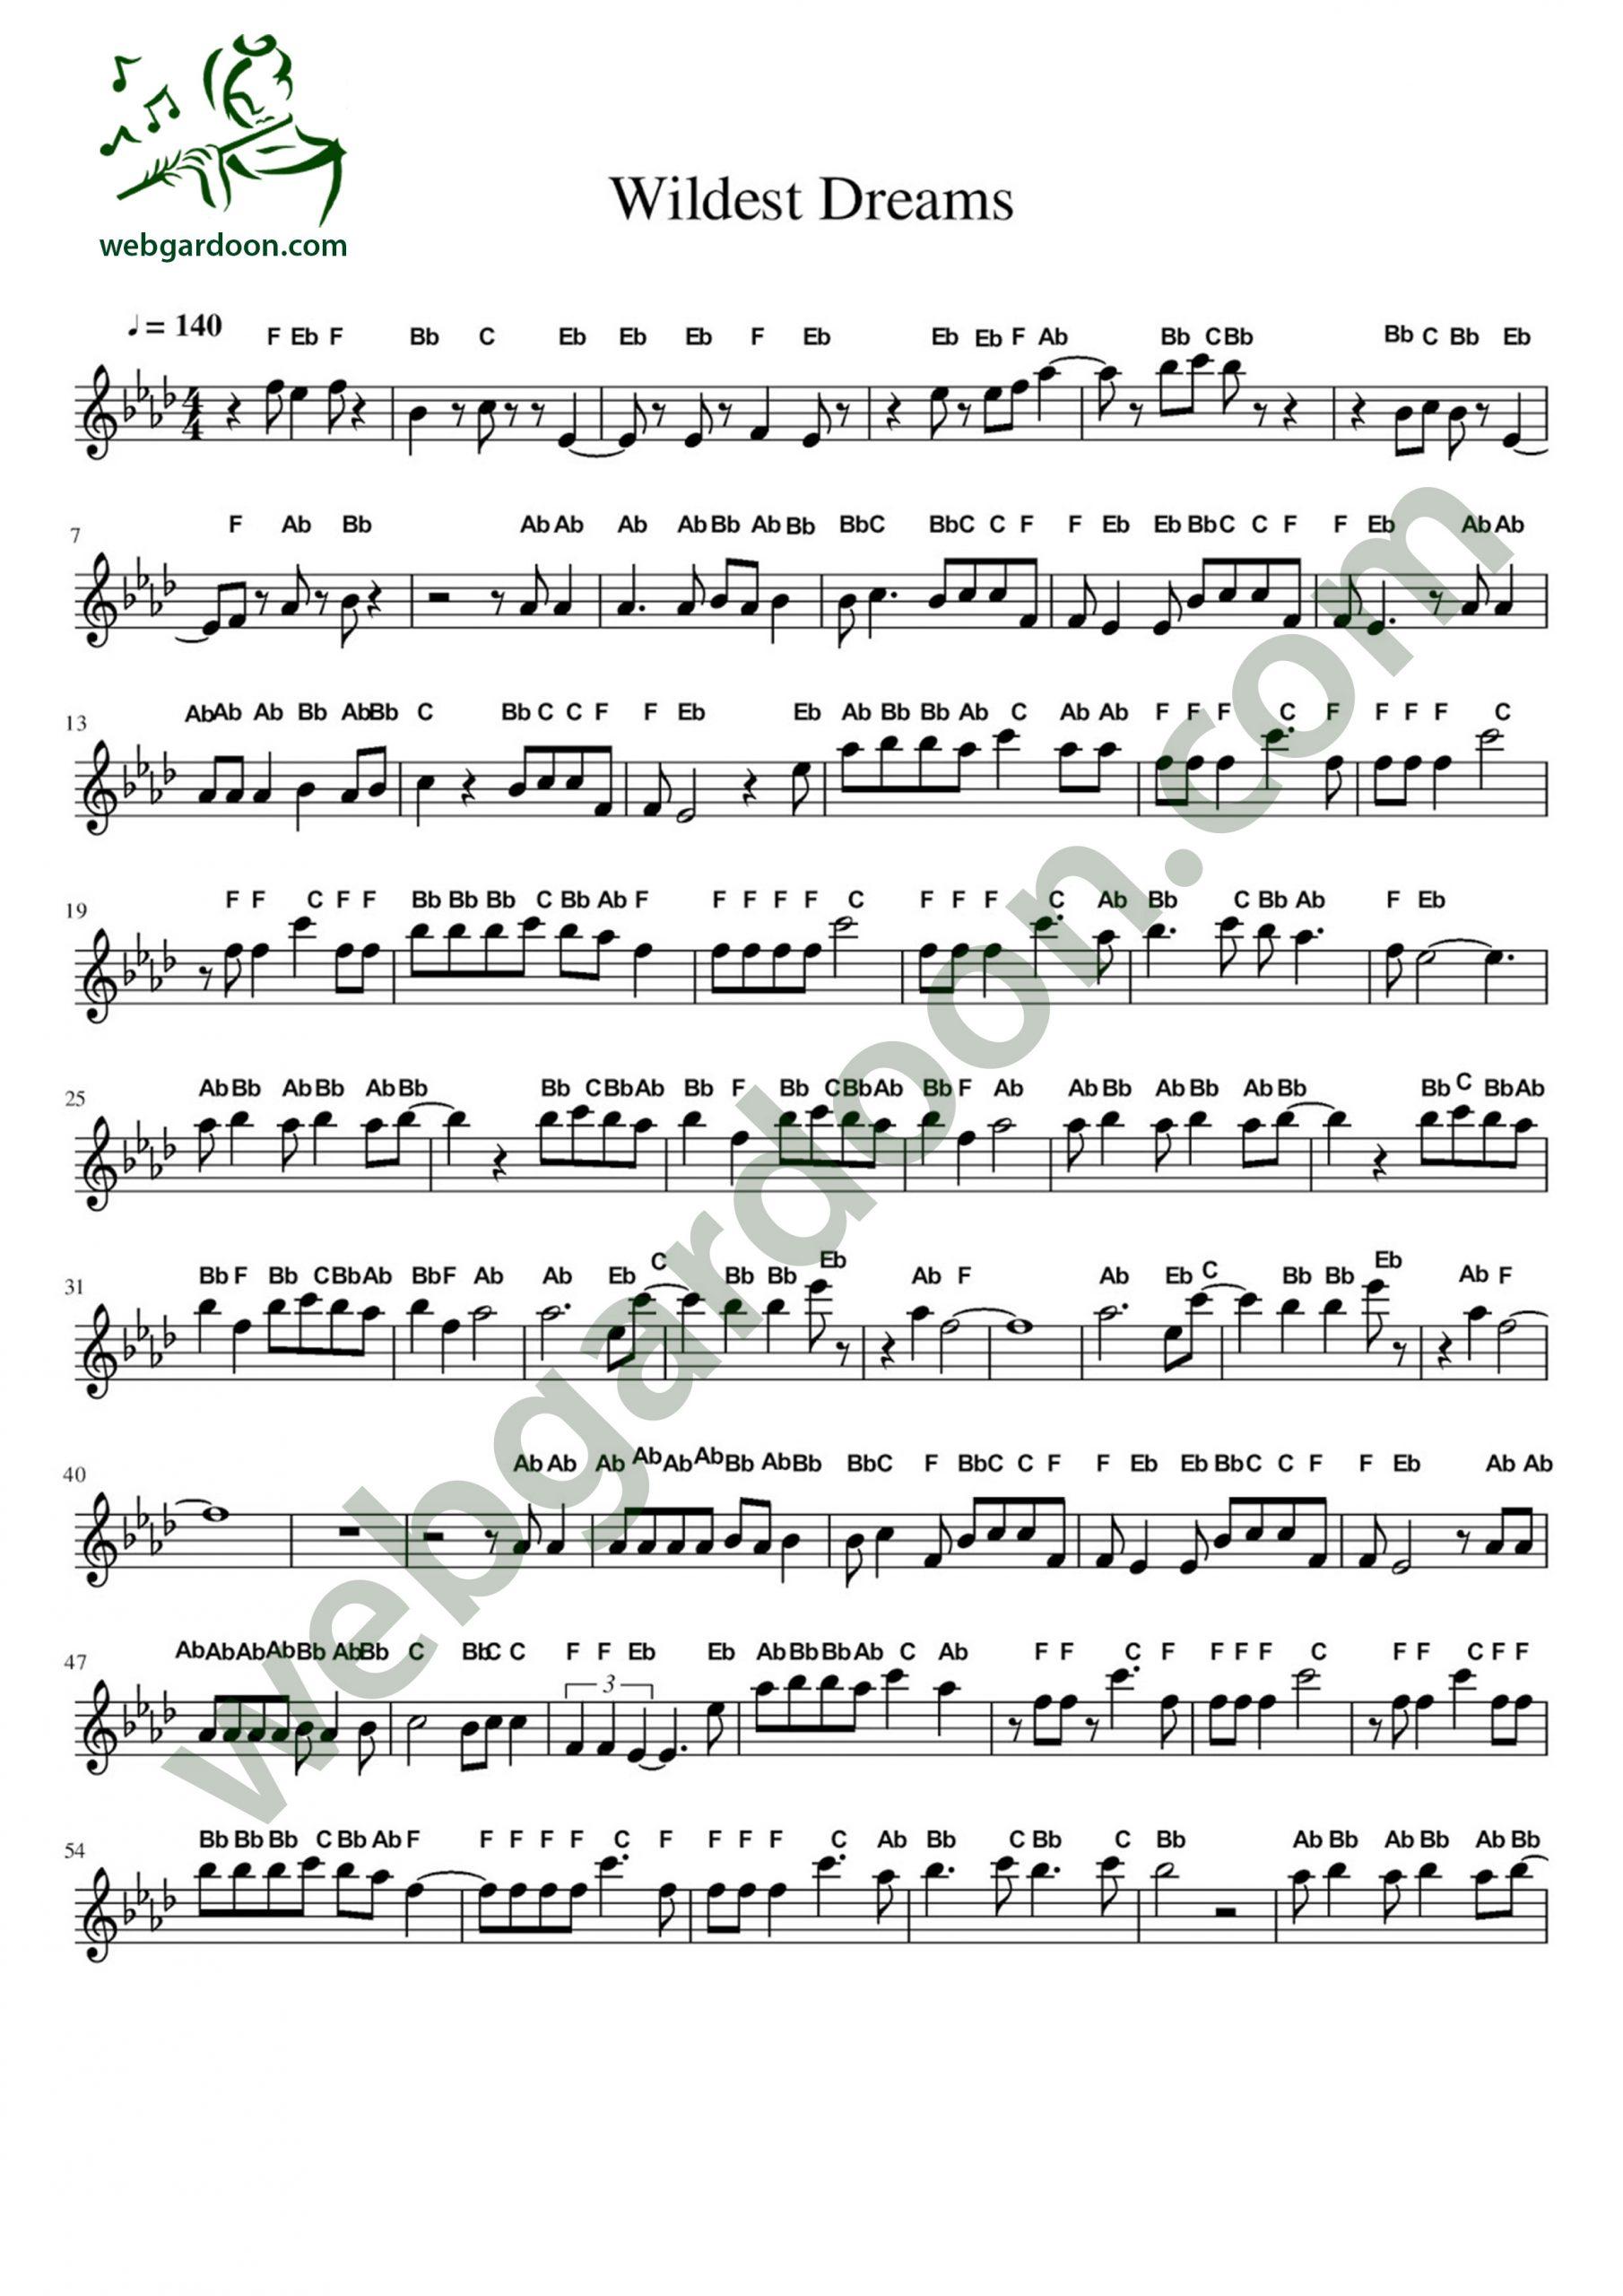 نت موسیقی, دانلود نت رایگان, نت موسیقی ویولون,نت موسیقی پیانو, نت موسیقی گیتار,نت موسیقی فلوت,نت موسیقی تار,نت موسیقی سنتور